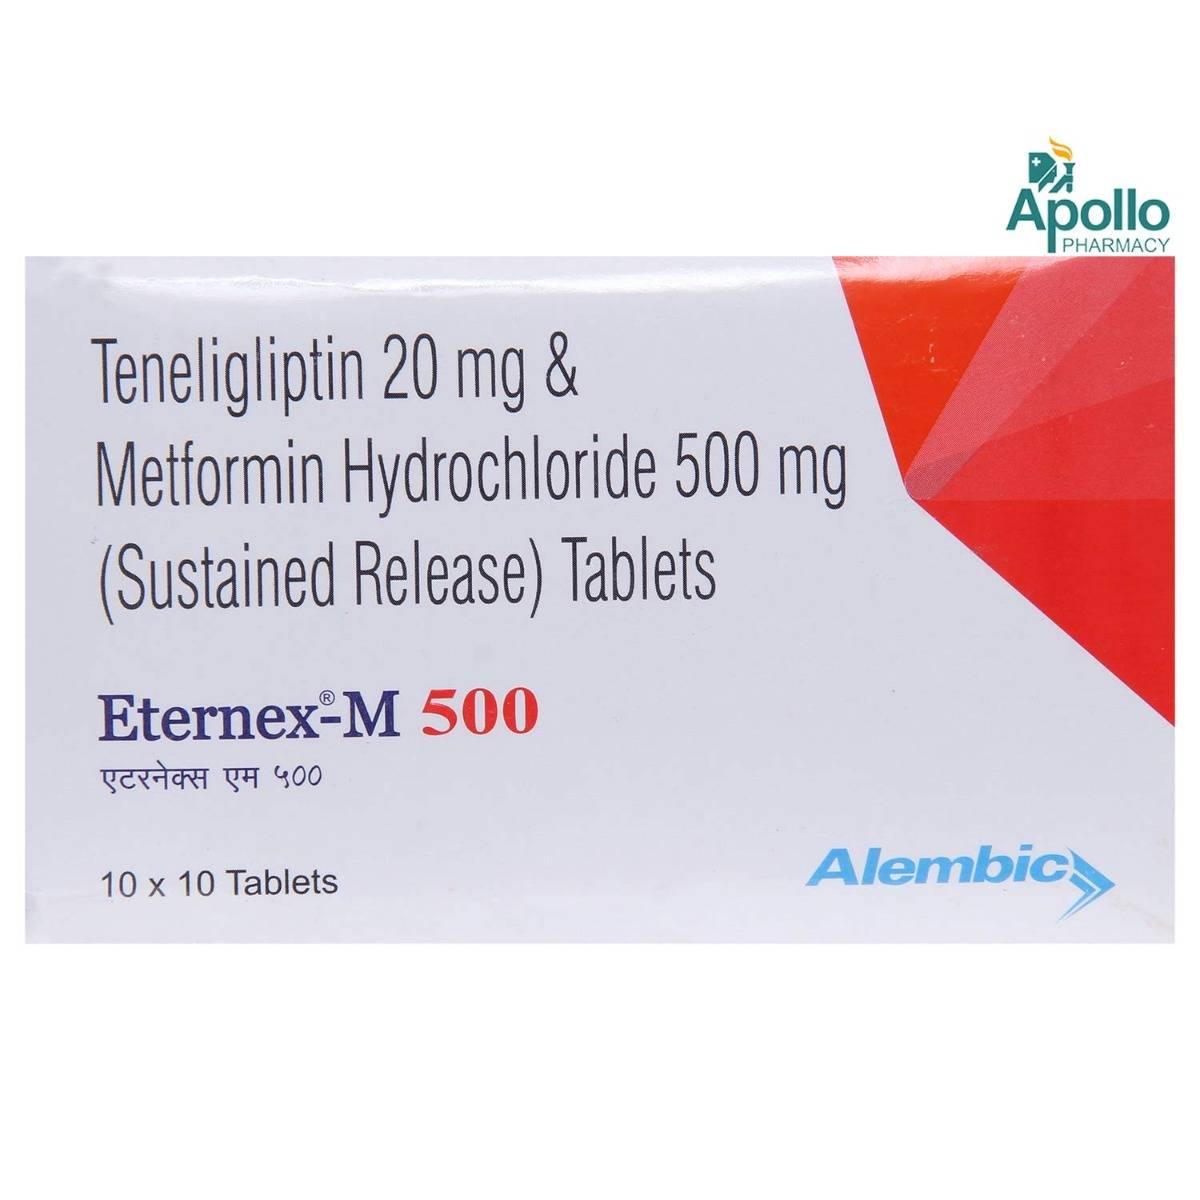 Eternex-M 500 Tablet 10's